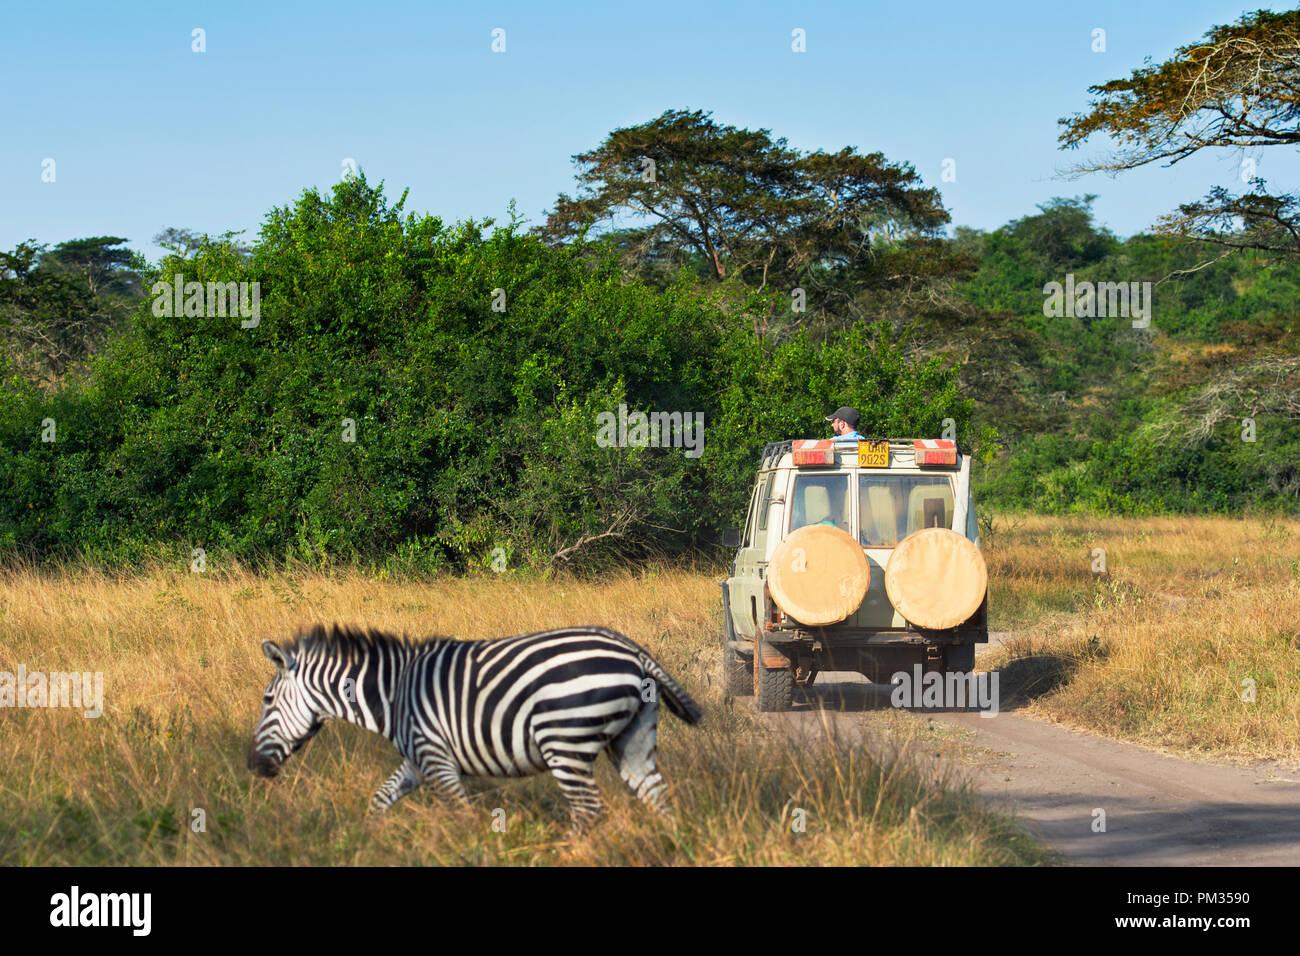 Safari con Veicolo turistico a un game drive, Zebra in esecuzione passato e Safari 4X4 VEICOLO Immagini Stock